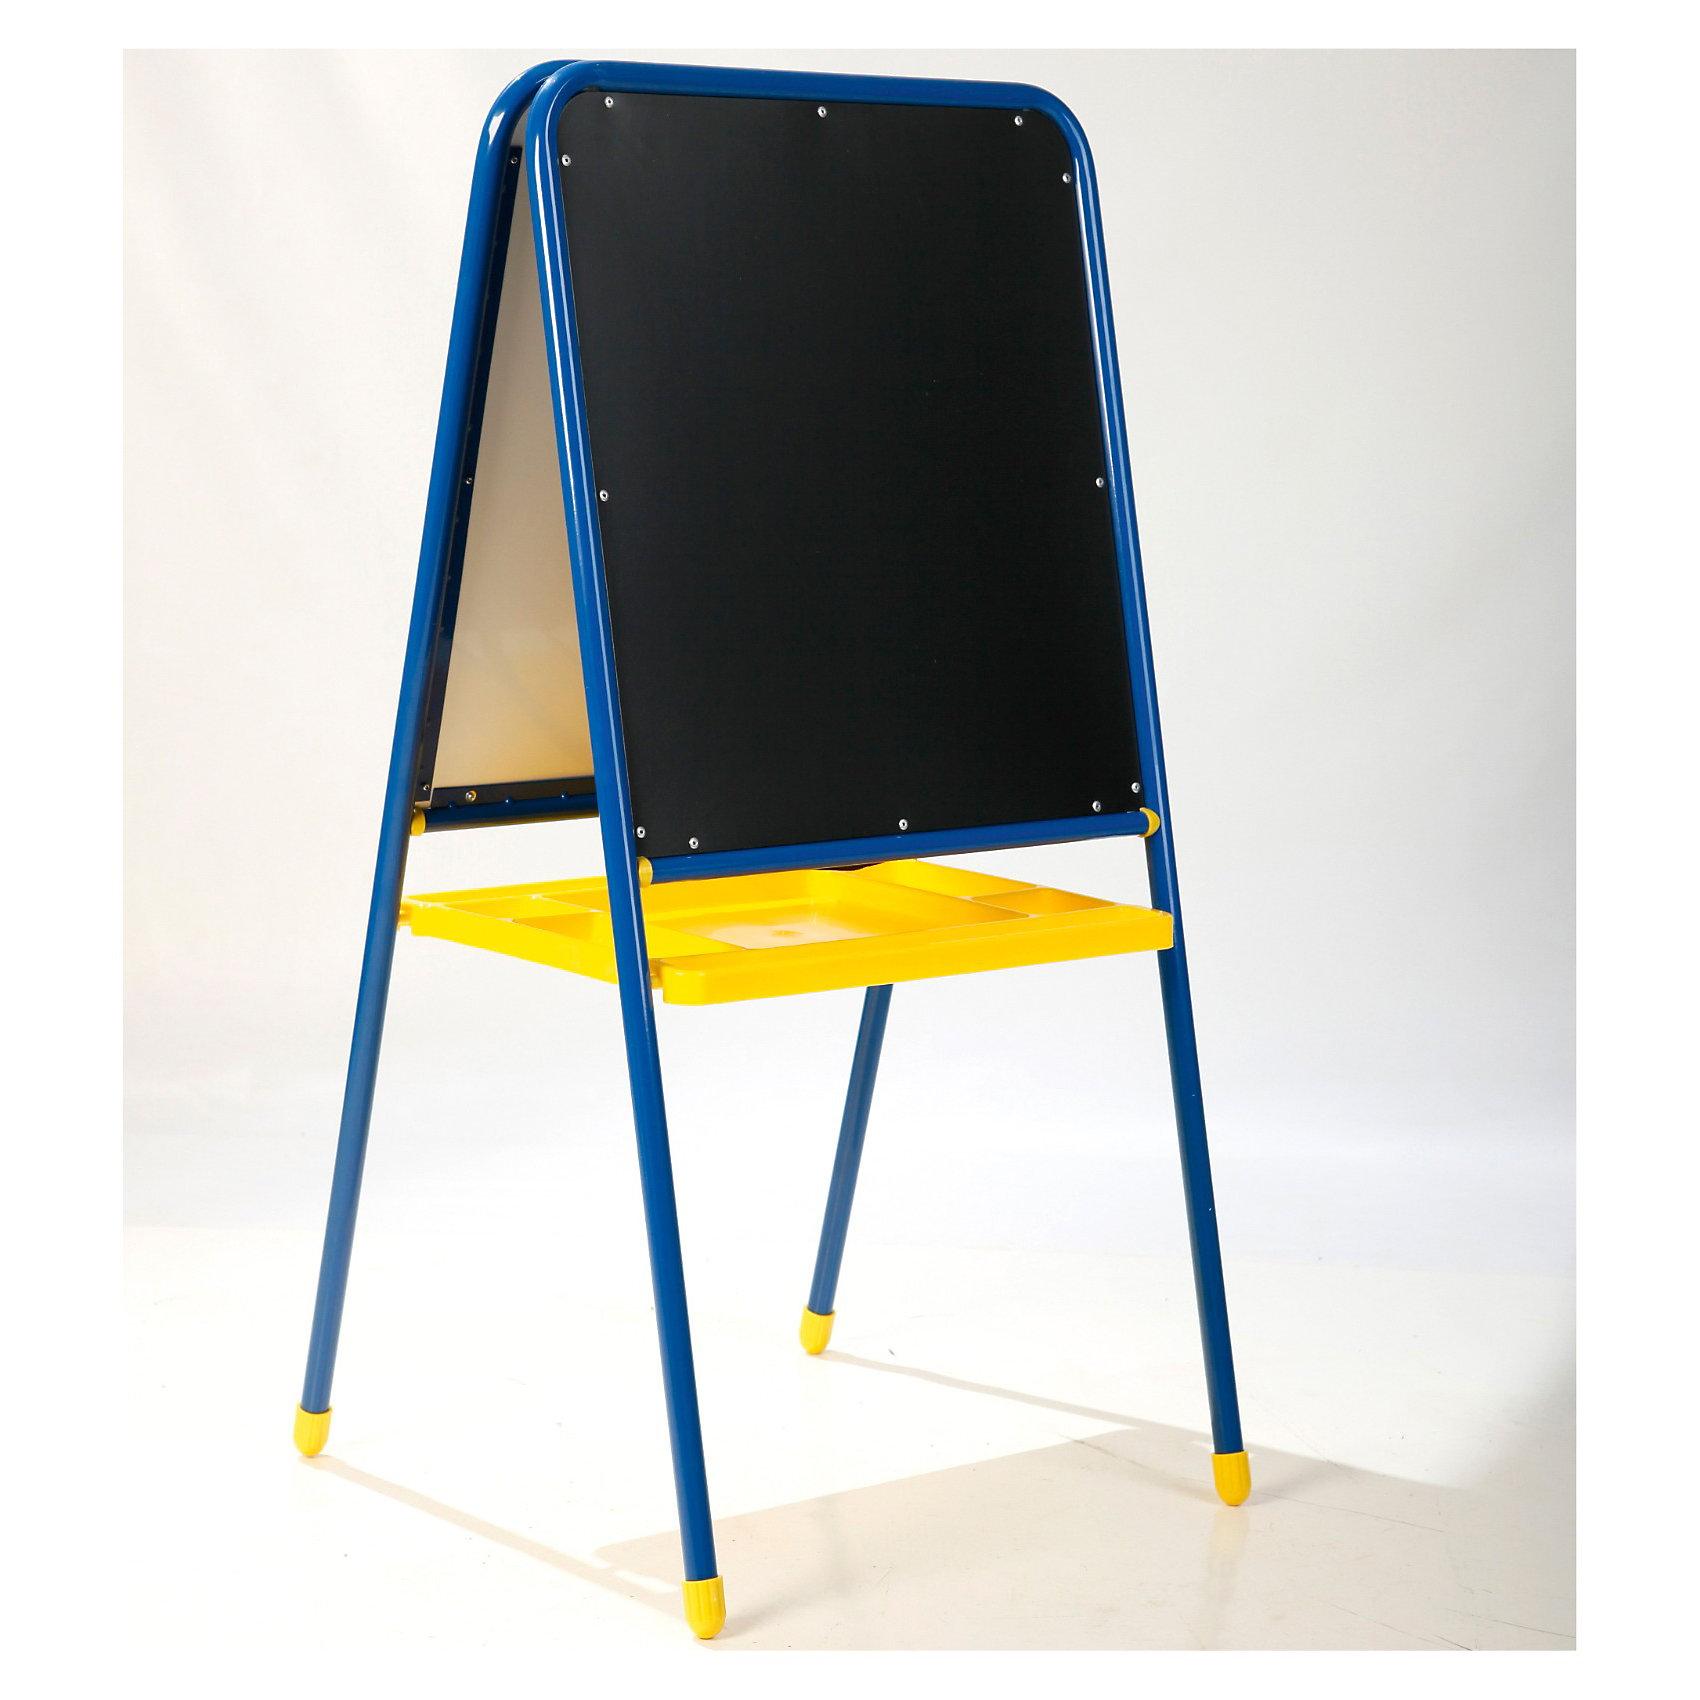 Мольберт 2-сторонний с буквами, Дэми (цвет: синий)Мебель<br>Мольберт «Дэми» 2-х сторонний на ножках для рисования мелом, маркерами ,красками (с магнитной азбукой) и большим лотком.<br>Мольберт отлично подойдет для творческого развития ребенка.  Доски для рисования мелом и маркером позволят проявить фантазию. Кроме того, обе доски - магнитные, а значит малыш скорее научиться читать и составлять слова.<br><br>Дополнительная информация:<br>Модель: МДУ.06<br>Размер досок – 48х53 см.<br>Высота досок от земли – 50 см.<br>Расстояние между ножками стоящего мольберта – 50 см.<br>Свойства / особенности - складной<br>Габариты: 57 х 110 х 7 см.<br>Вес: 7 кг. <br><br>Мольберт детский универсальный 2-х сторонний с буквами МДУ.06 можно купить в нашем магазине.<br><br>Ширина мм: 70<br>Глубина мм: 112<br>Высота мм: 540<br>Вес г: 9000<br>Возраст от месяцев: 24<br>Возраст до месяцев: 84<br>Пол: Мужской<br>Возраст: Детский<br>SKU: 3247889